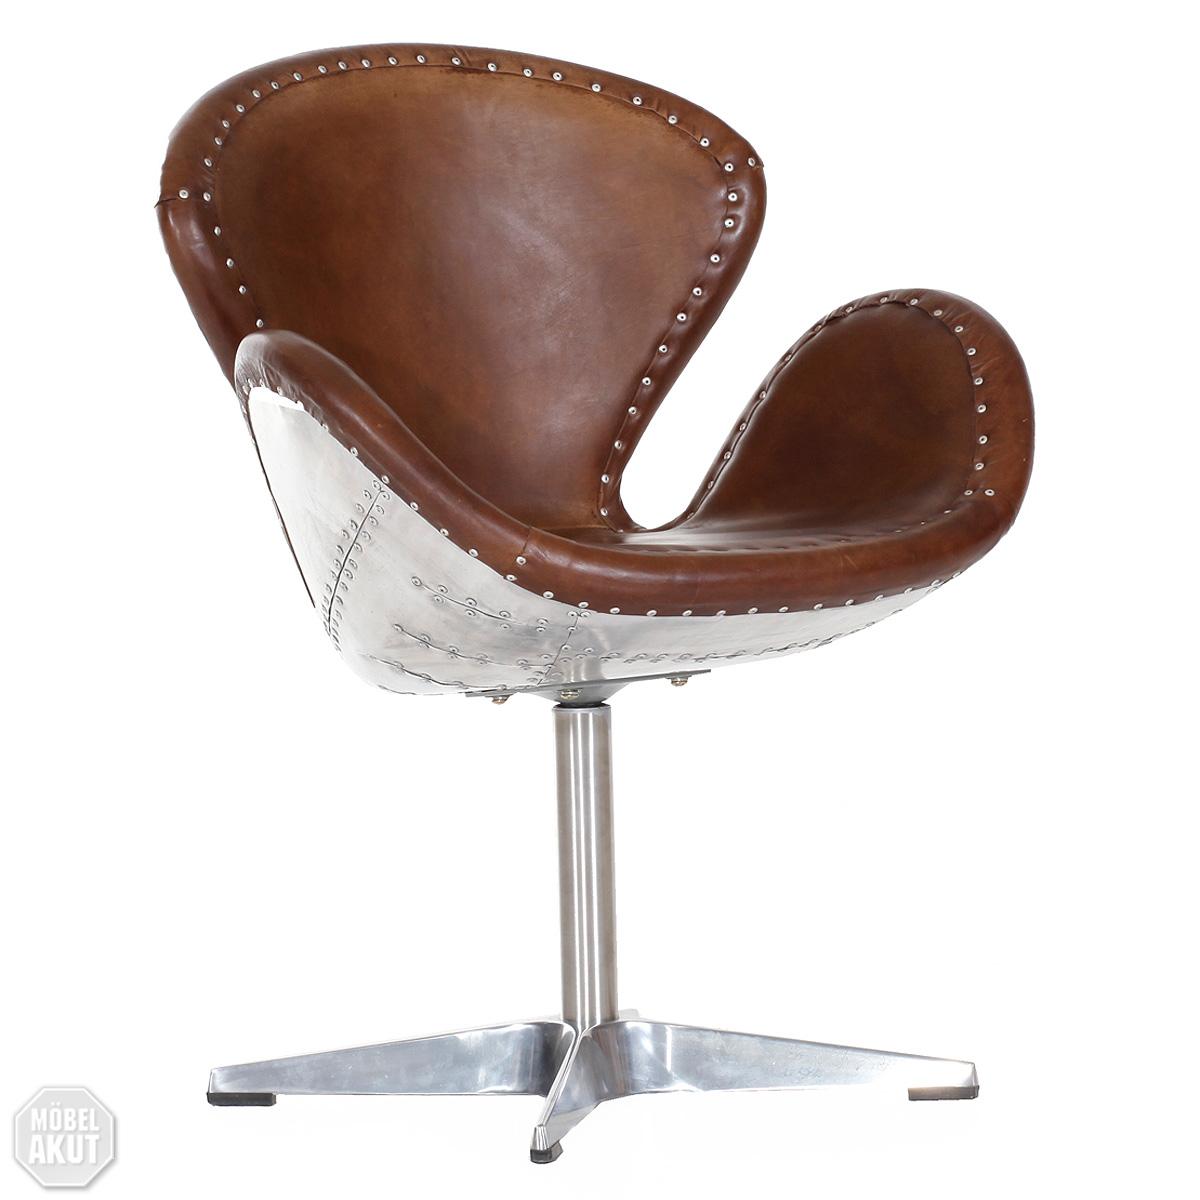 drehsessel aircraft vintage design echt leder und. Black Bedroom Furniture Sets. Home Design Ideas